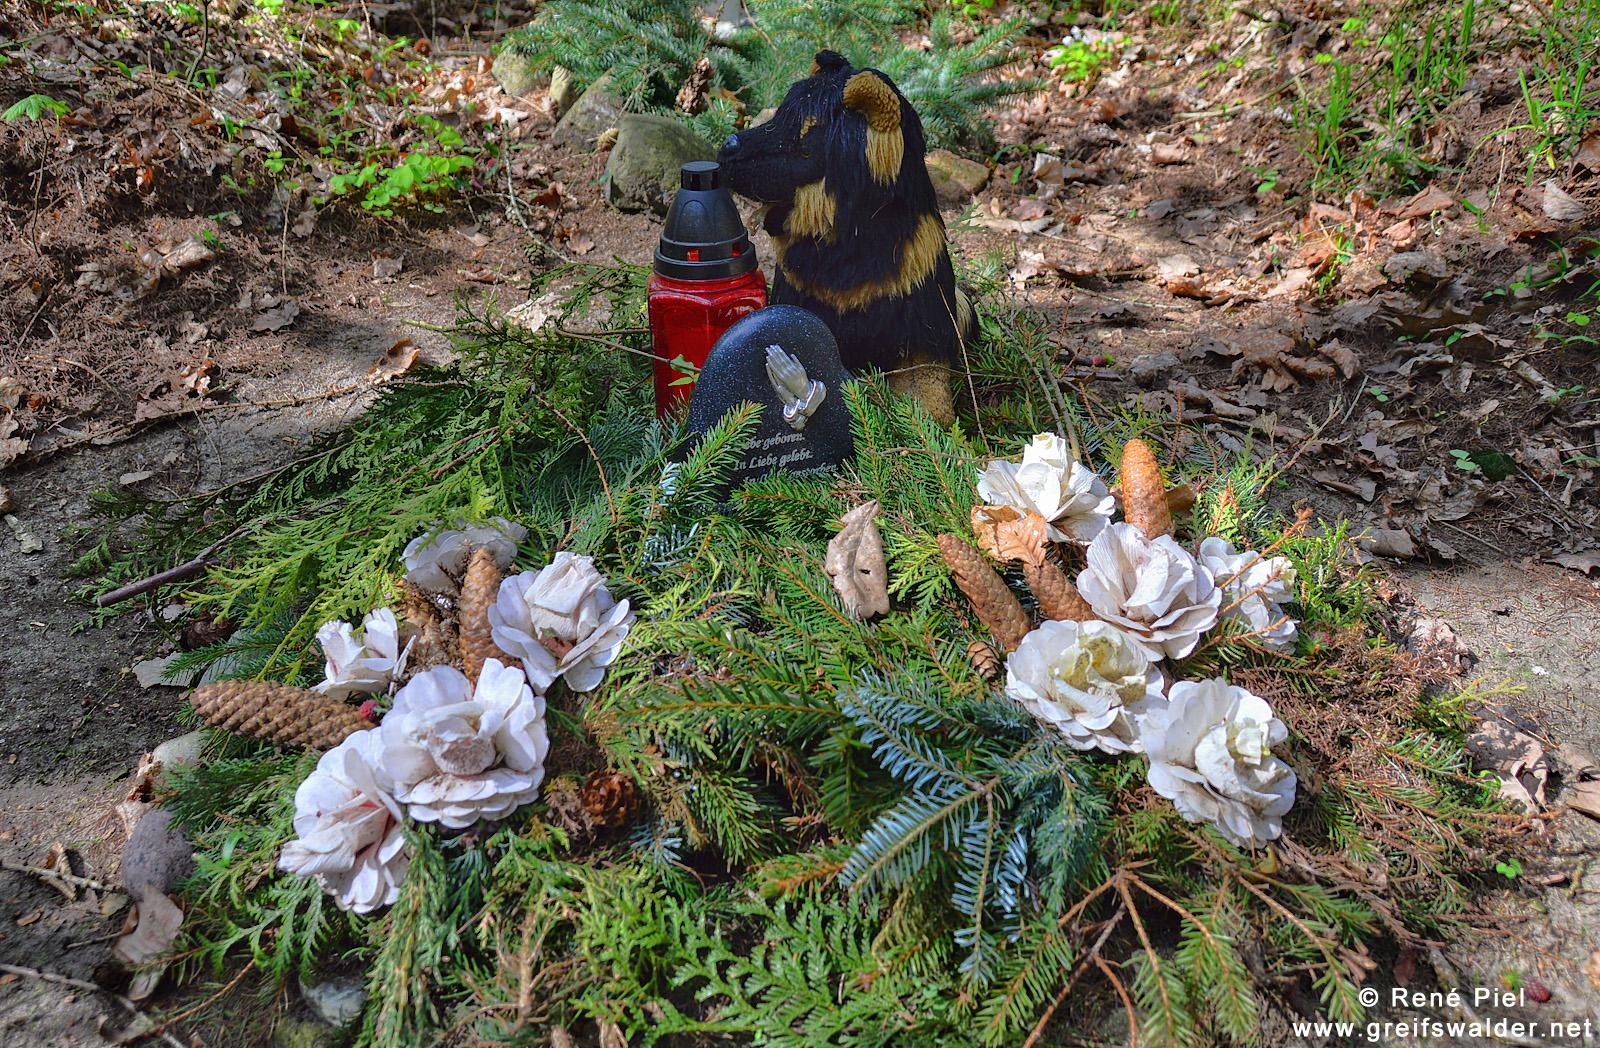 Tierfriedhof im Wald